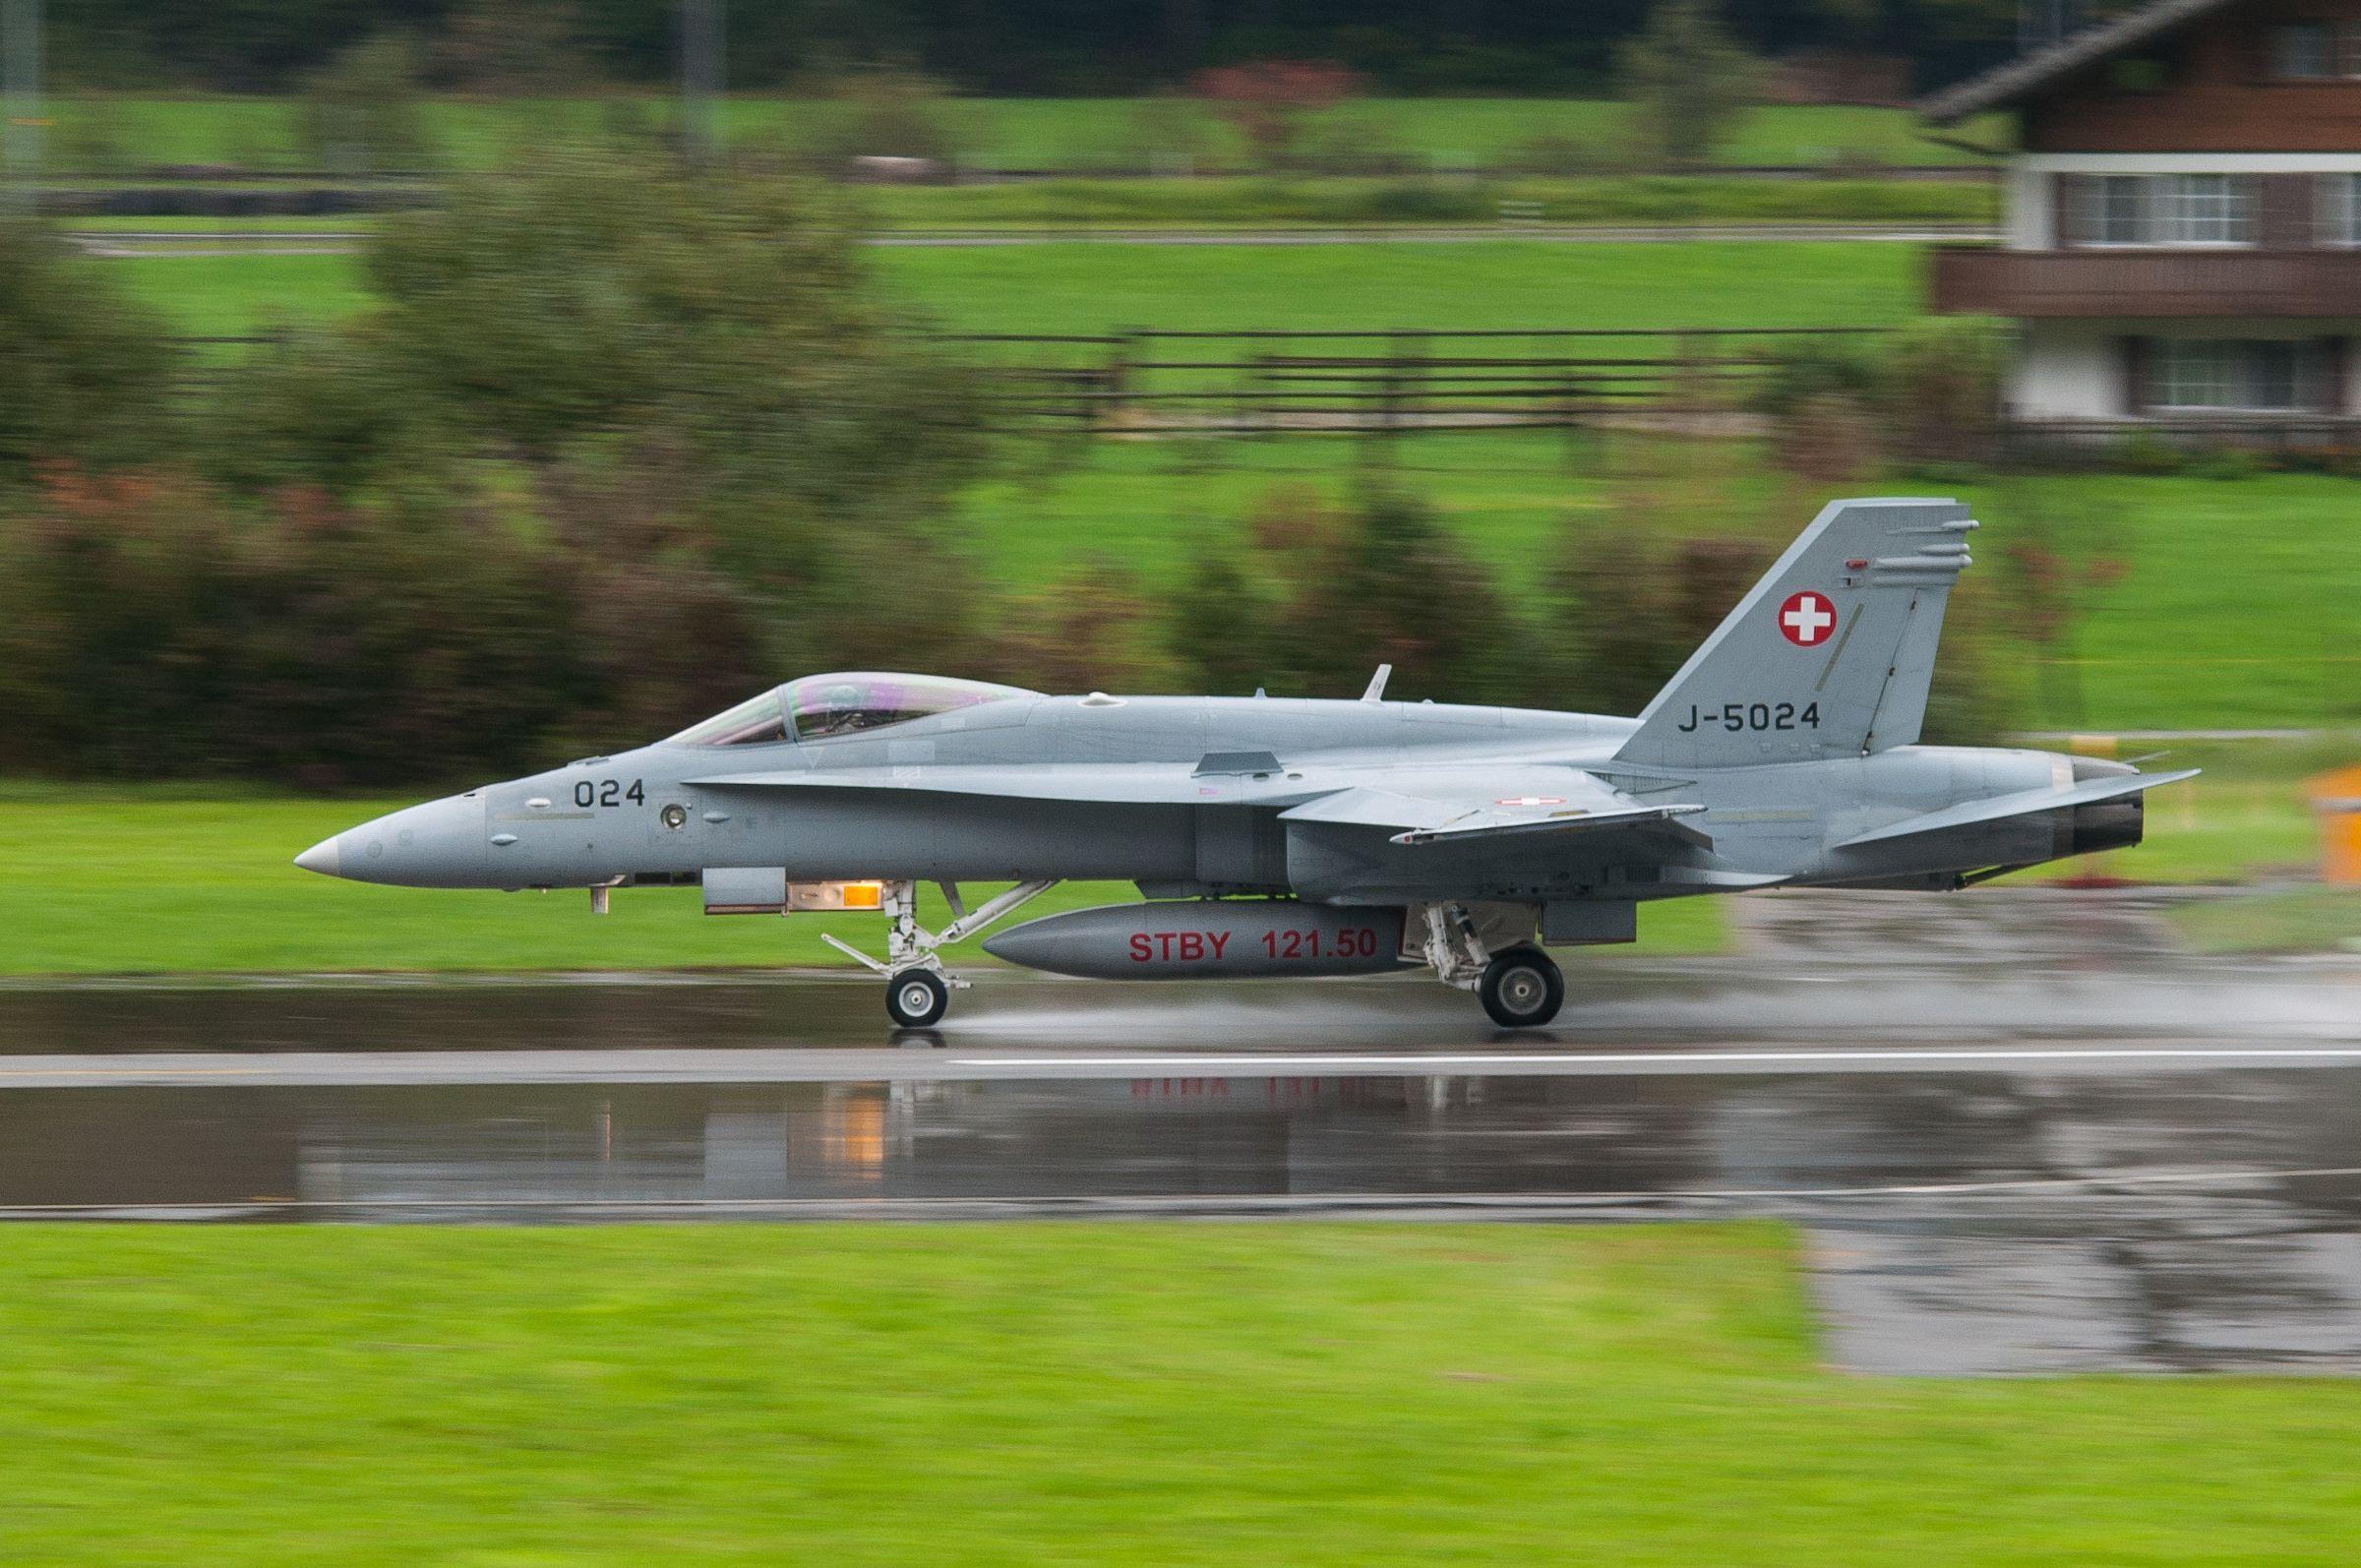 Air force live fire event Axalp 2012 - 10-11 Oct 2012 - Pagina 2 000138d